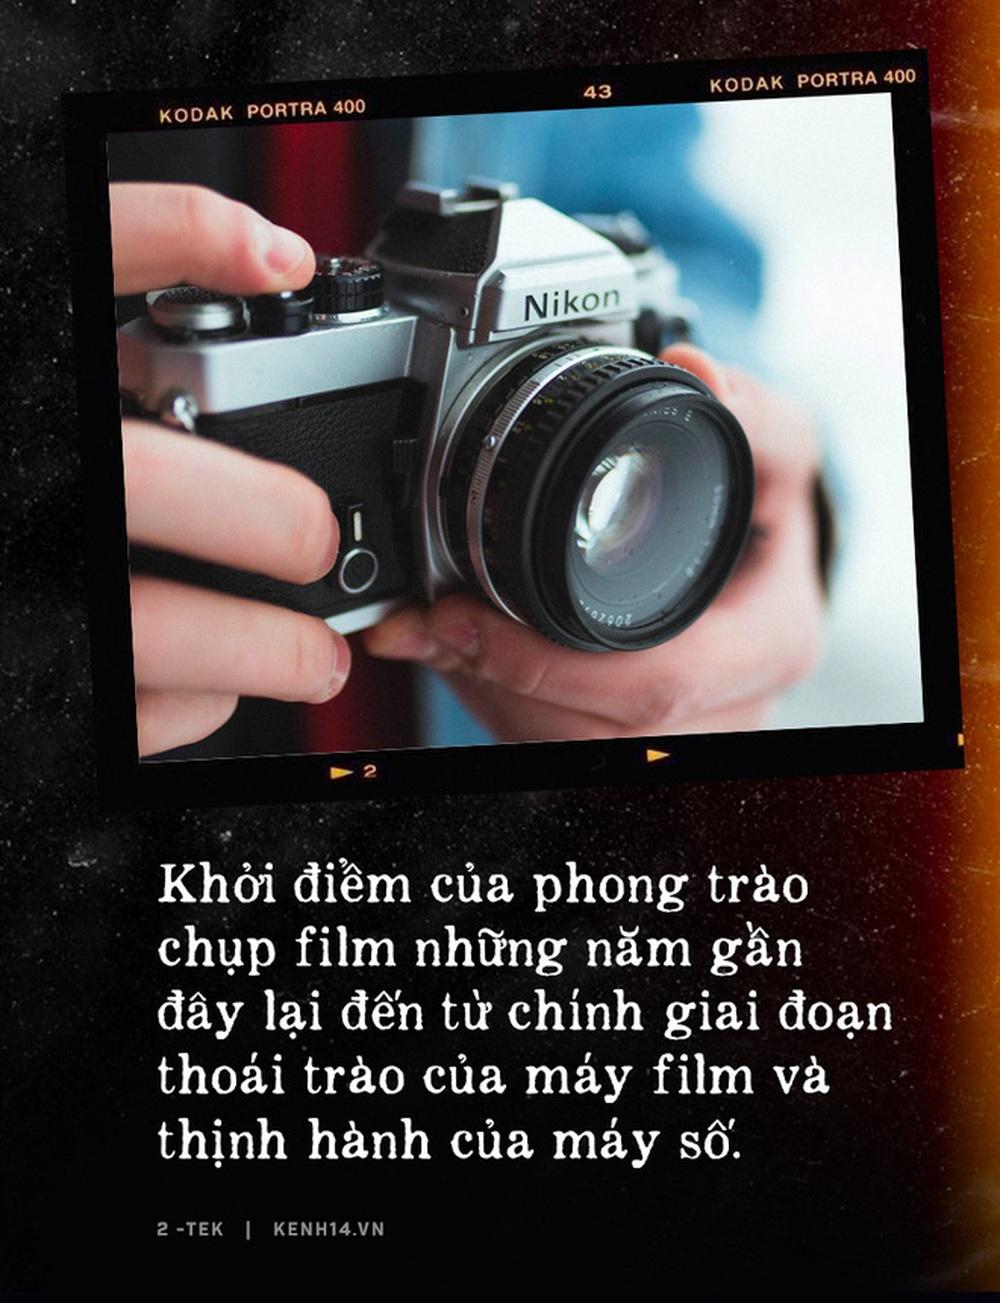 Phong trào máy ảnh film giữa kỷ nguyên 4.0: Màn comeback của những giá trị ngược dòng thời đại - Ảnh 1.